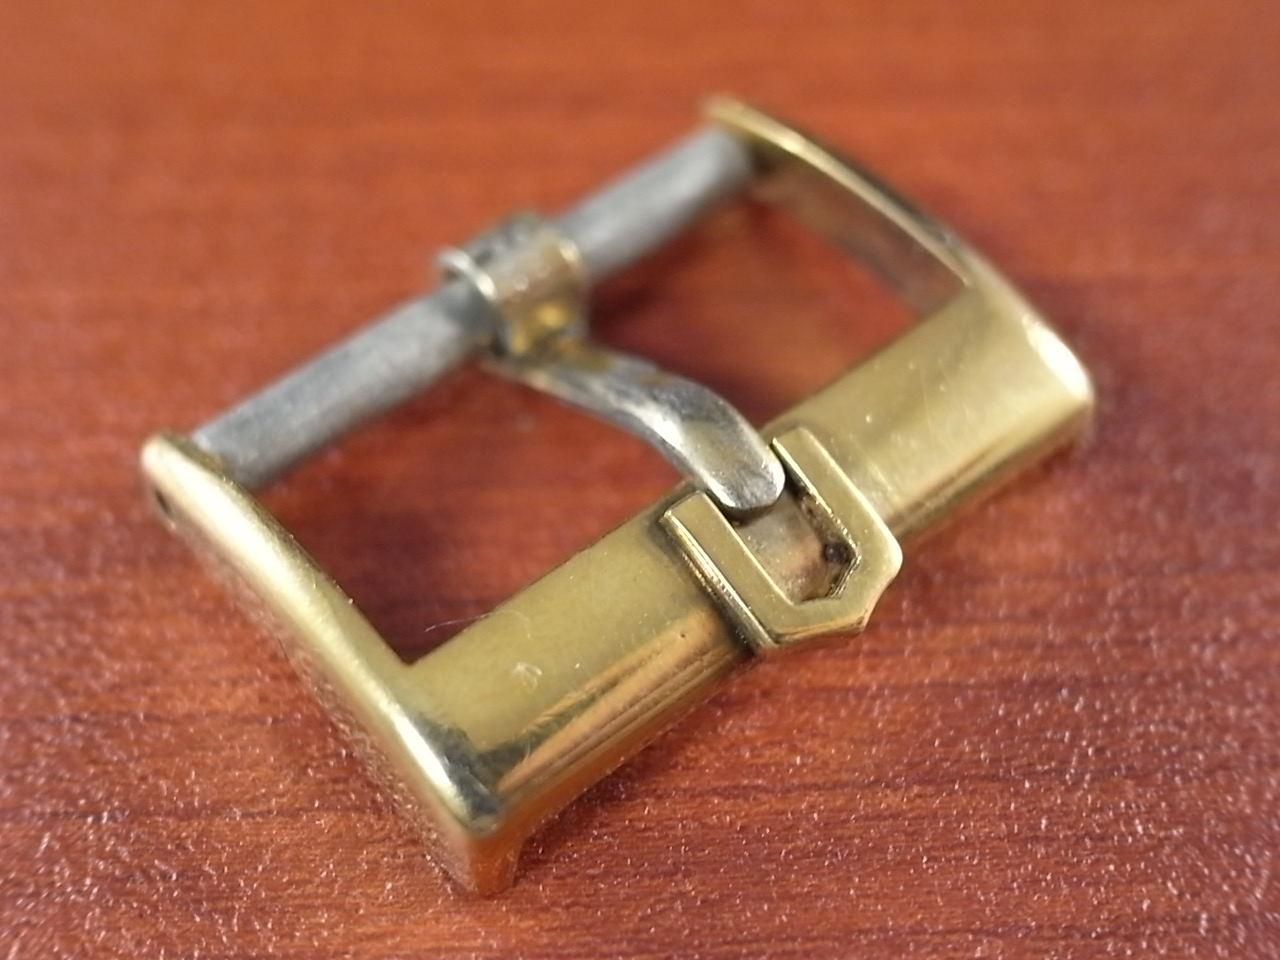 ユニバーサル アンティーク尾錠 GP 16mm 1950年代のメイン写真